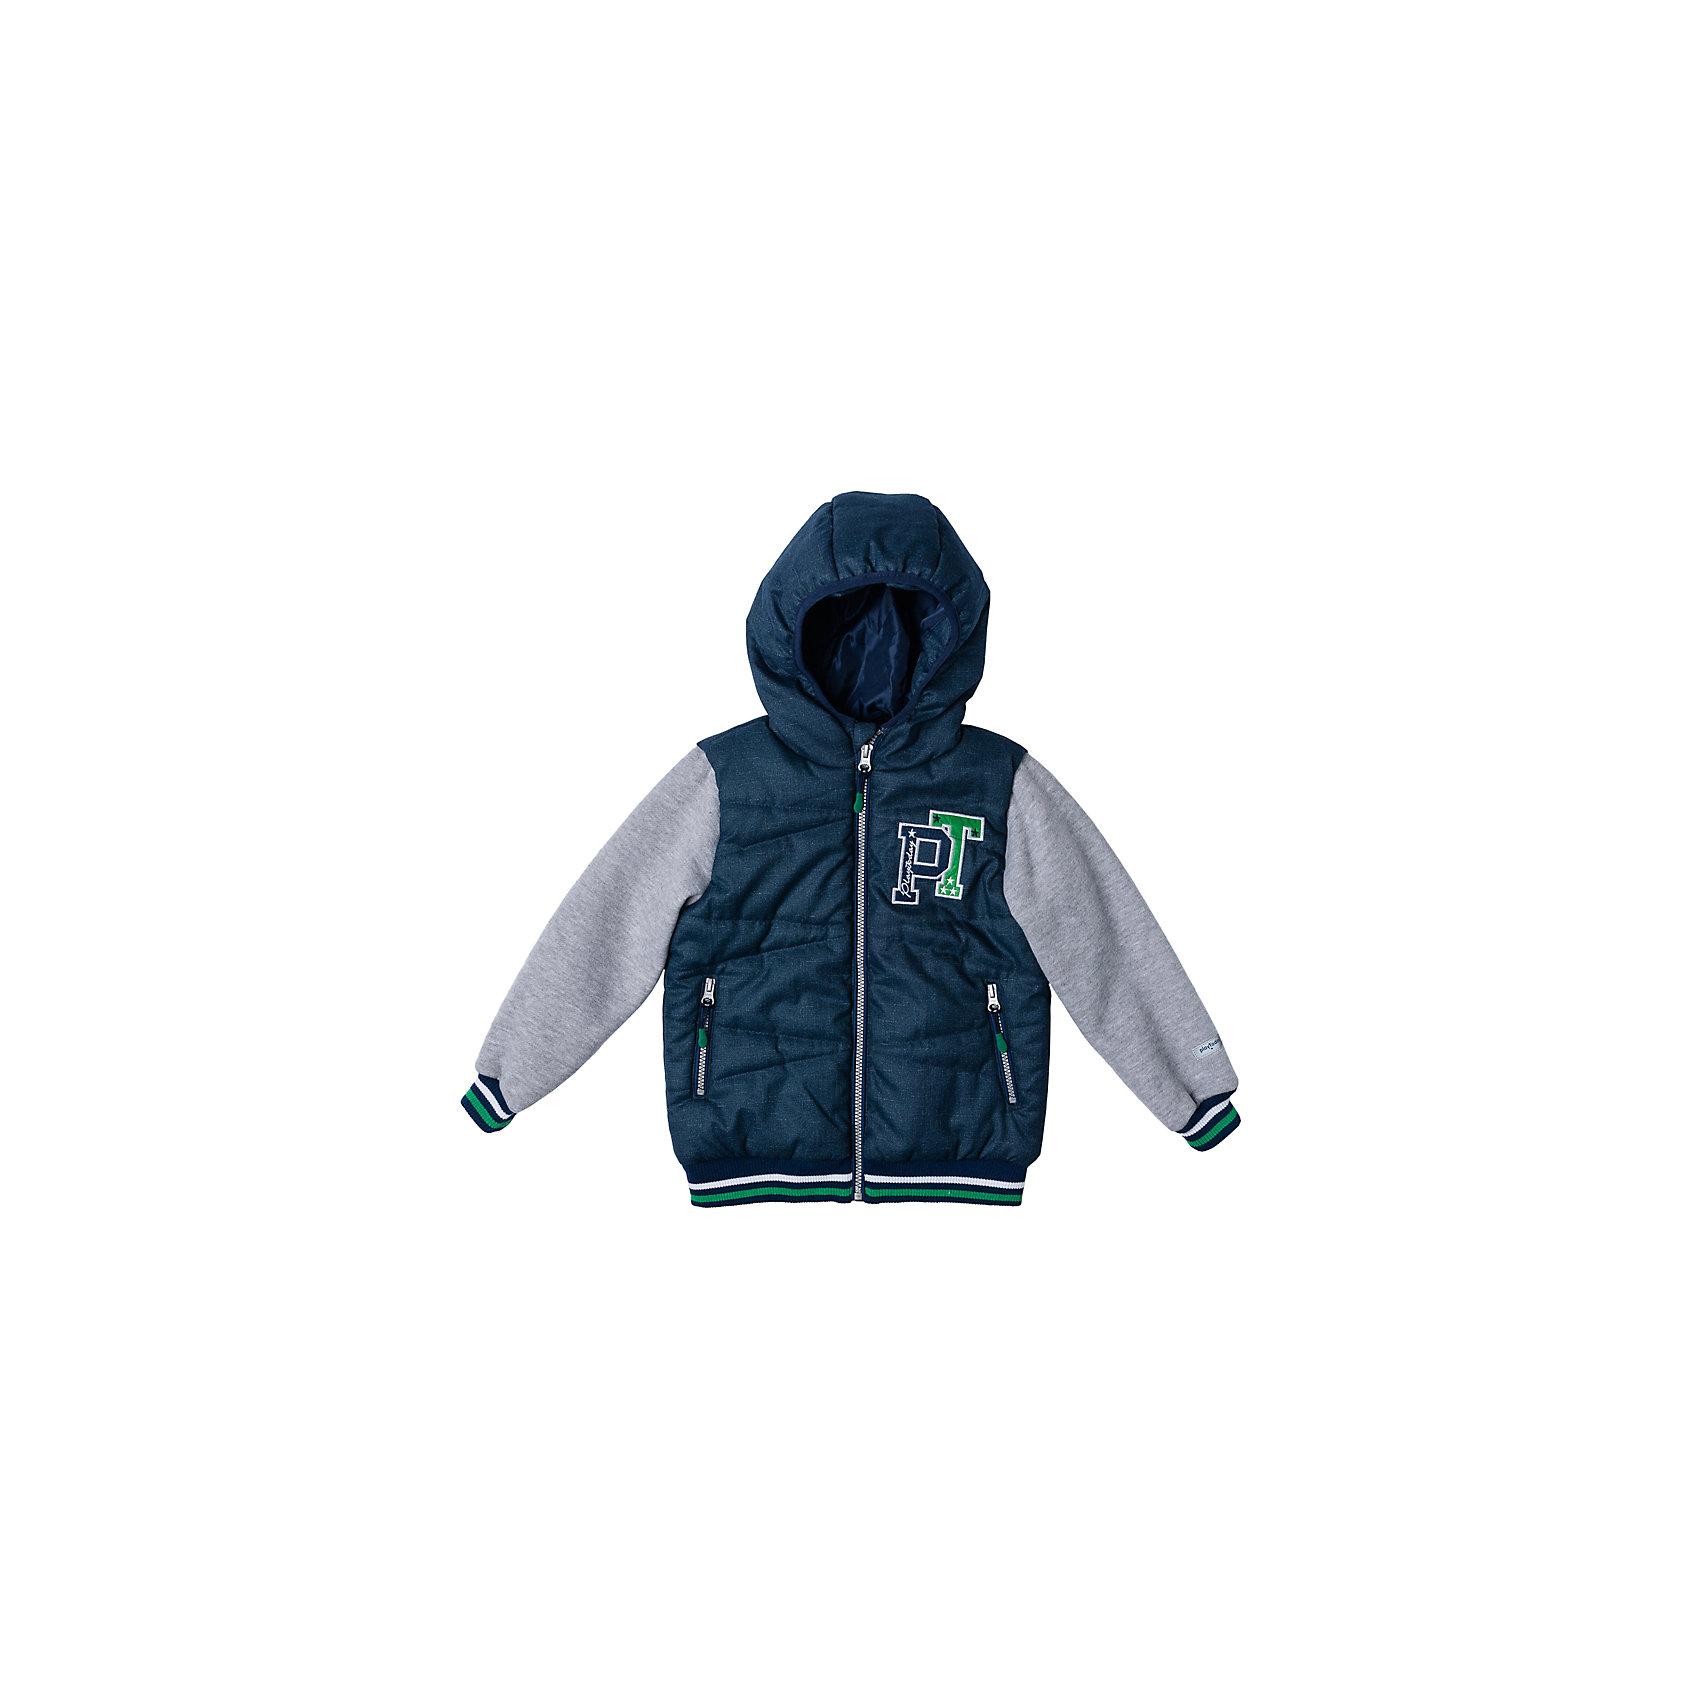 Куртка для мальчика PlayTodayДемисезонные куртки<br>Куртка для мальчика PlayToday<br>Эффектная утепленная куртка с капюшоном на молнии прекрасно подойдет Вашему ребенку в прохладную погоду. Специальный карман для фиксации застежки-молнии не позволит застежке травмировать нежную кожу ребенка. Даже у самого активного ребенка капюшон не спадет с головы за счет удобной мягкой резинки. Наличие светооражателя на подоле позволит видеть Вашего ребенка в темное время суток. За счет рукавов из текстиля с начесом, такая куртка будет уместна и в прохладную погоду. Куртка украшена яркой аппликацией. <br><br>Преимущества: <br><br>Защита подбородка. Специальный карман для фиксации застежки-молнии. Наличие данного кармана не позволит застежке -молнии травмировать нежную кожу ребенка<br>Капюшон на мягкой резинке <br>Светооражатель на подоле <br>Карманы на молнии <br>Рукава с начесом <br>Водоотталкивающая пропитка (кроме рукавов) <br>Яркая аппликация <br><br>Состав:<br>Верх: 100% полиэстер, Подкладка: 100% полиэстер, Наполнитель: 100% полиэстер, 150 г/м2<br><br>Ширина мм: 356<br>Глубина мм: 10<br>Высота мм: 245<br>Вес г: 519<br>Цвет: разноцветный<br>Возраст от месяцев: 84<br>Возраст до месяцев: 96<br>Пол: Мужской<br>Возраст: Детский<br>Размер: 128,98,104,110,116,122<br>SKU: 5401901